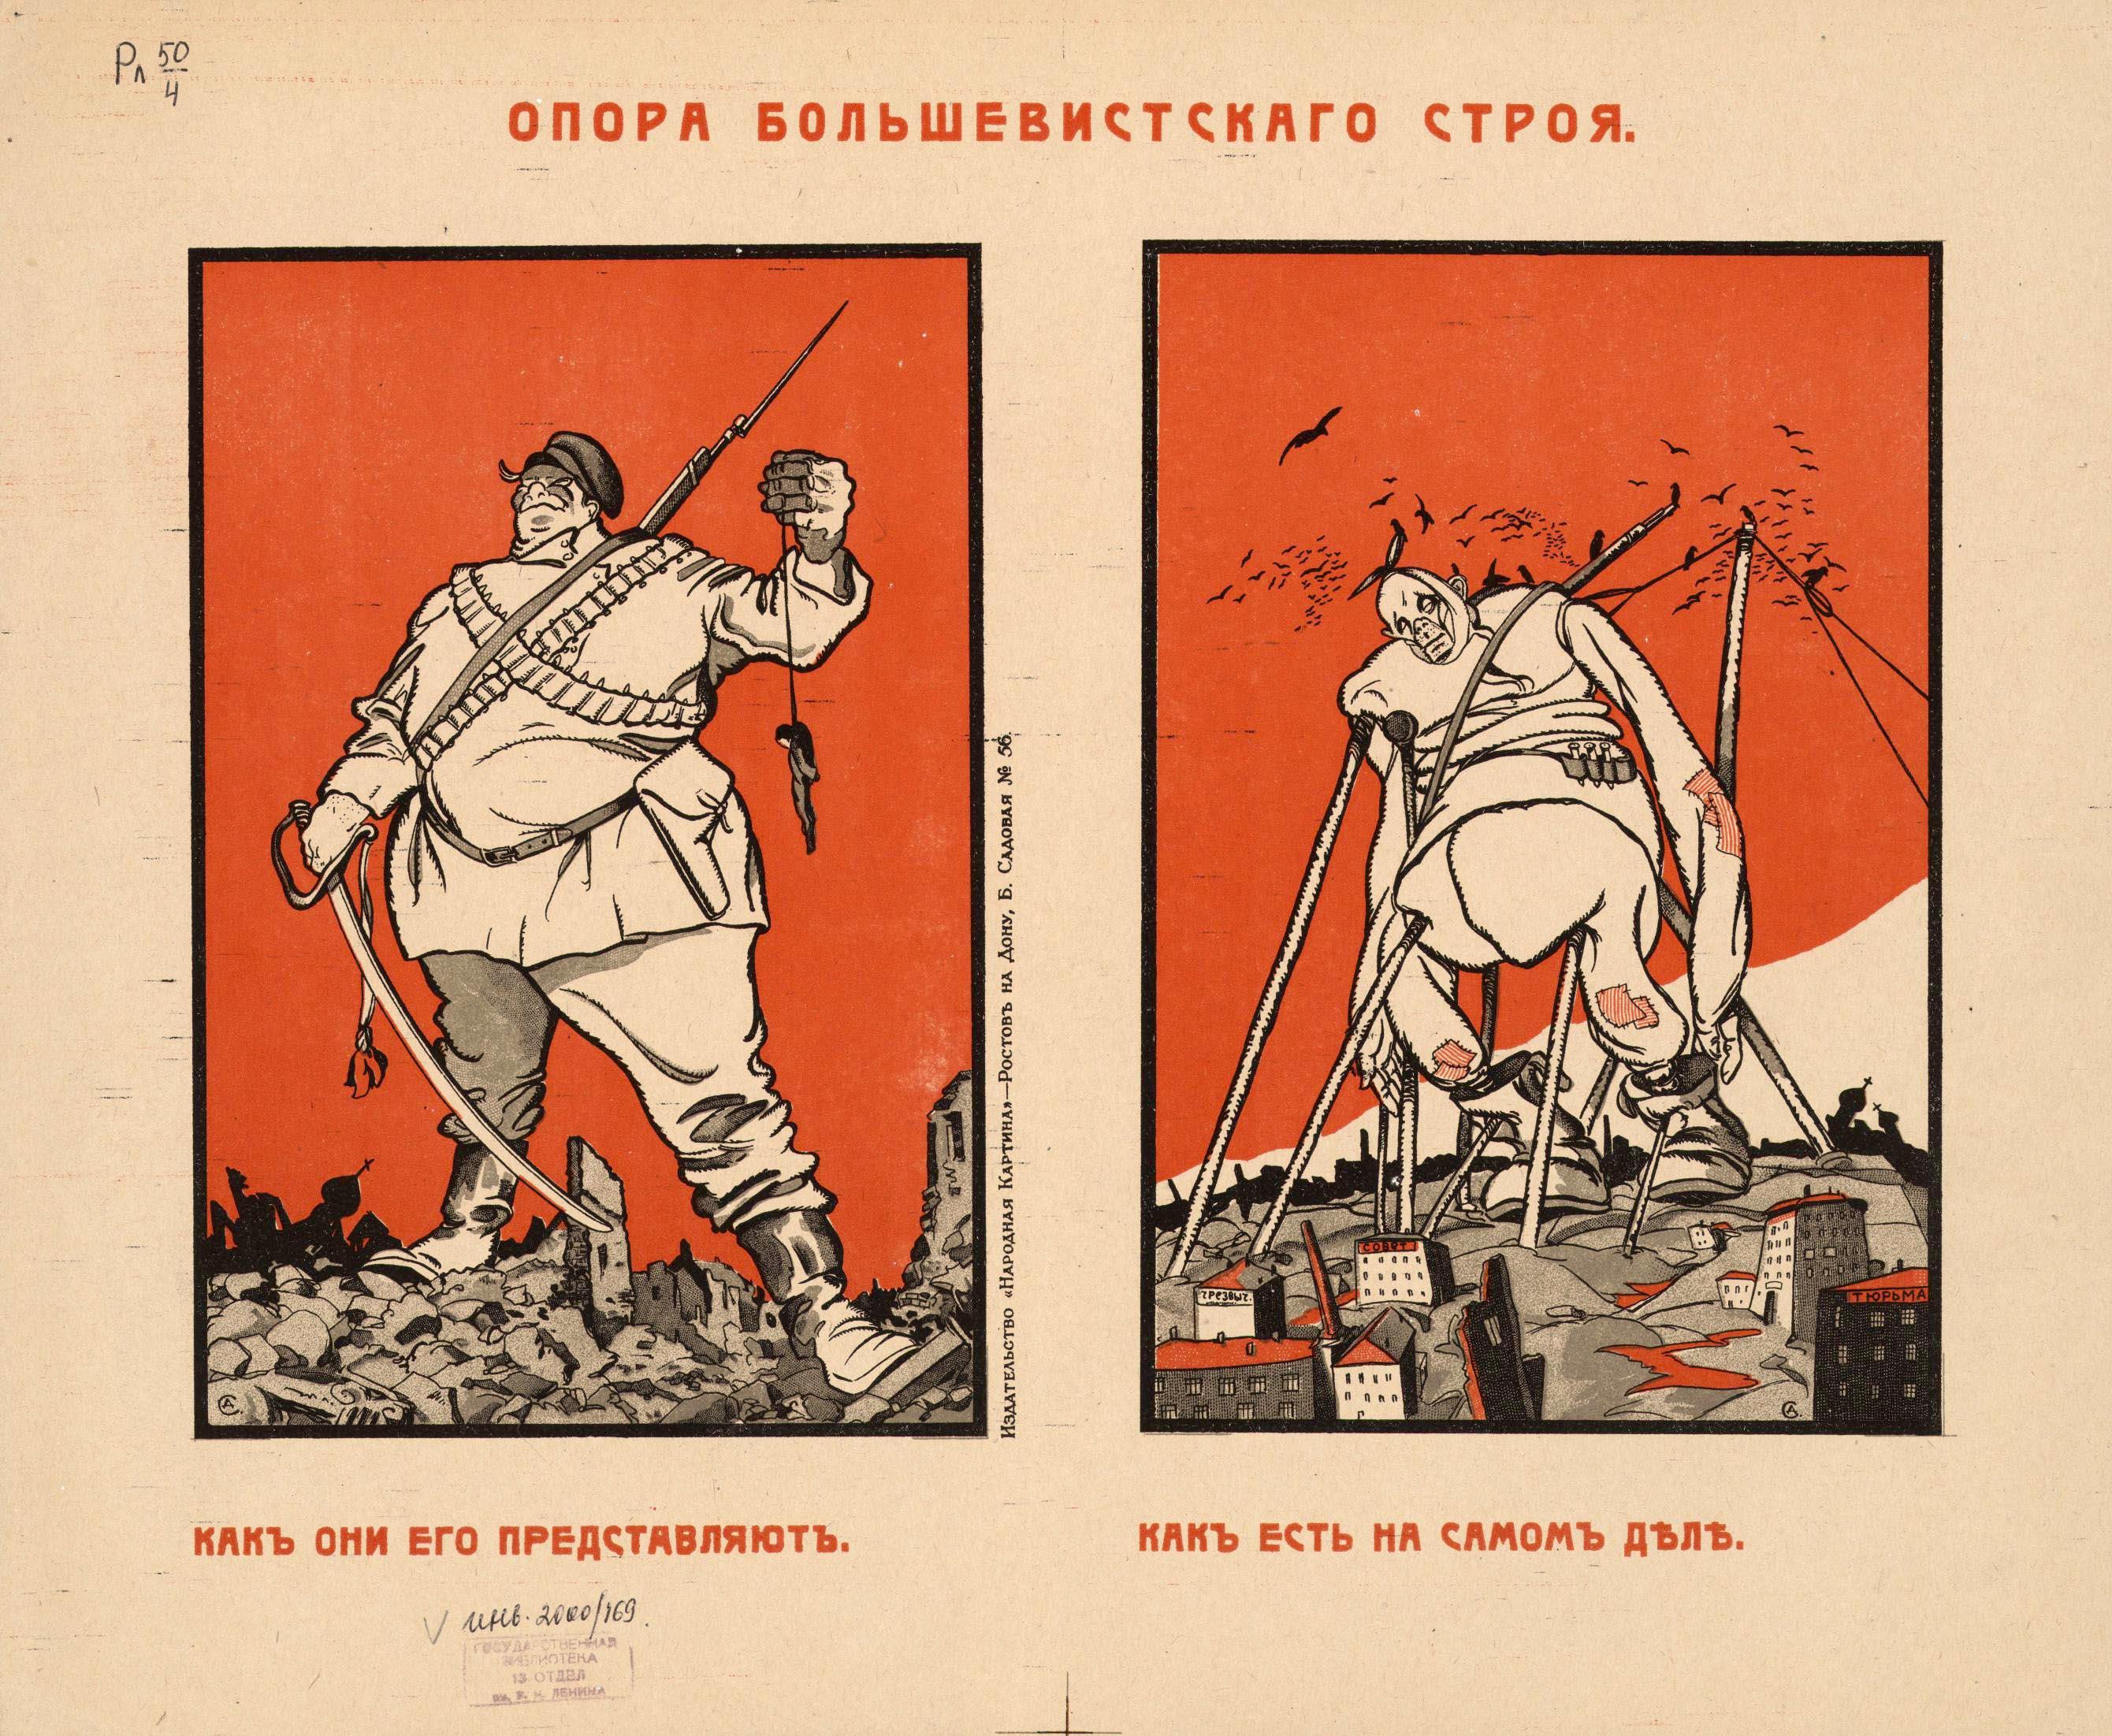 32. Опора большевистского строя